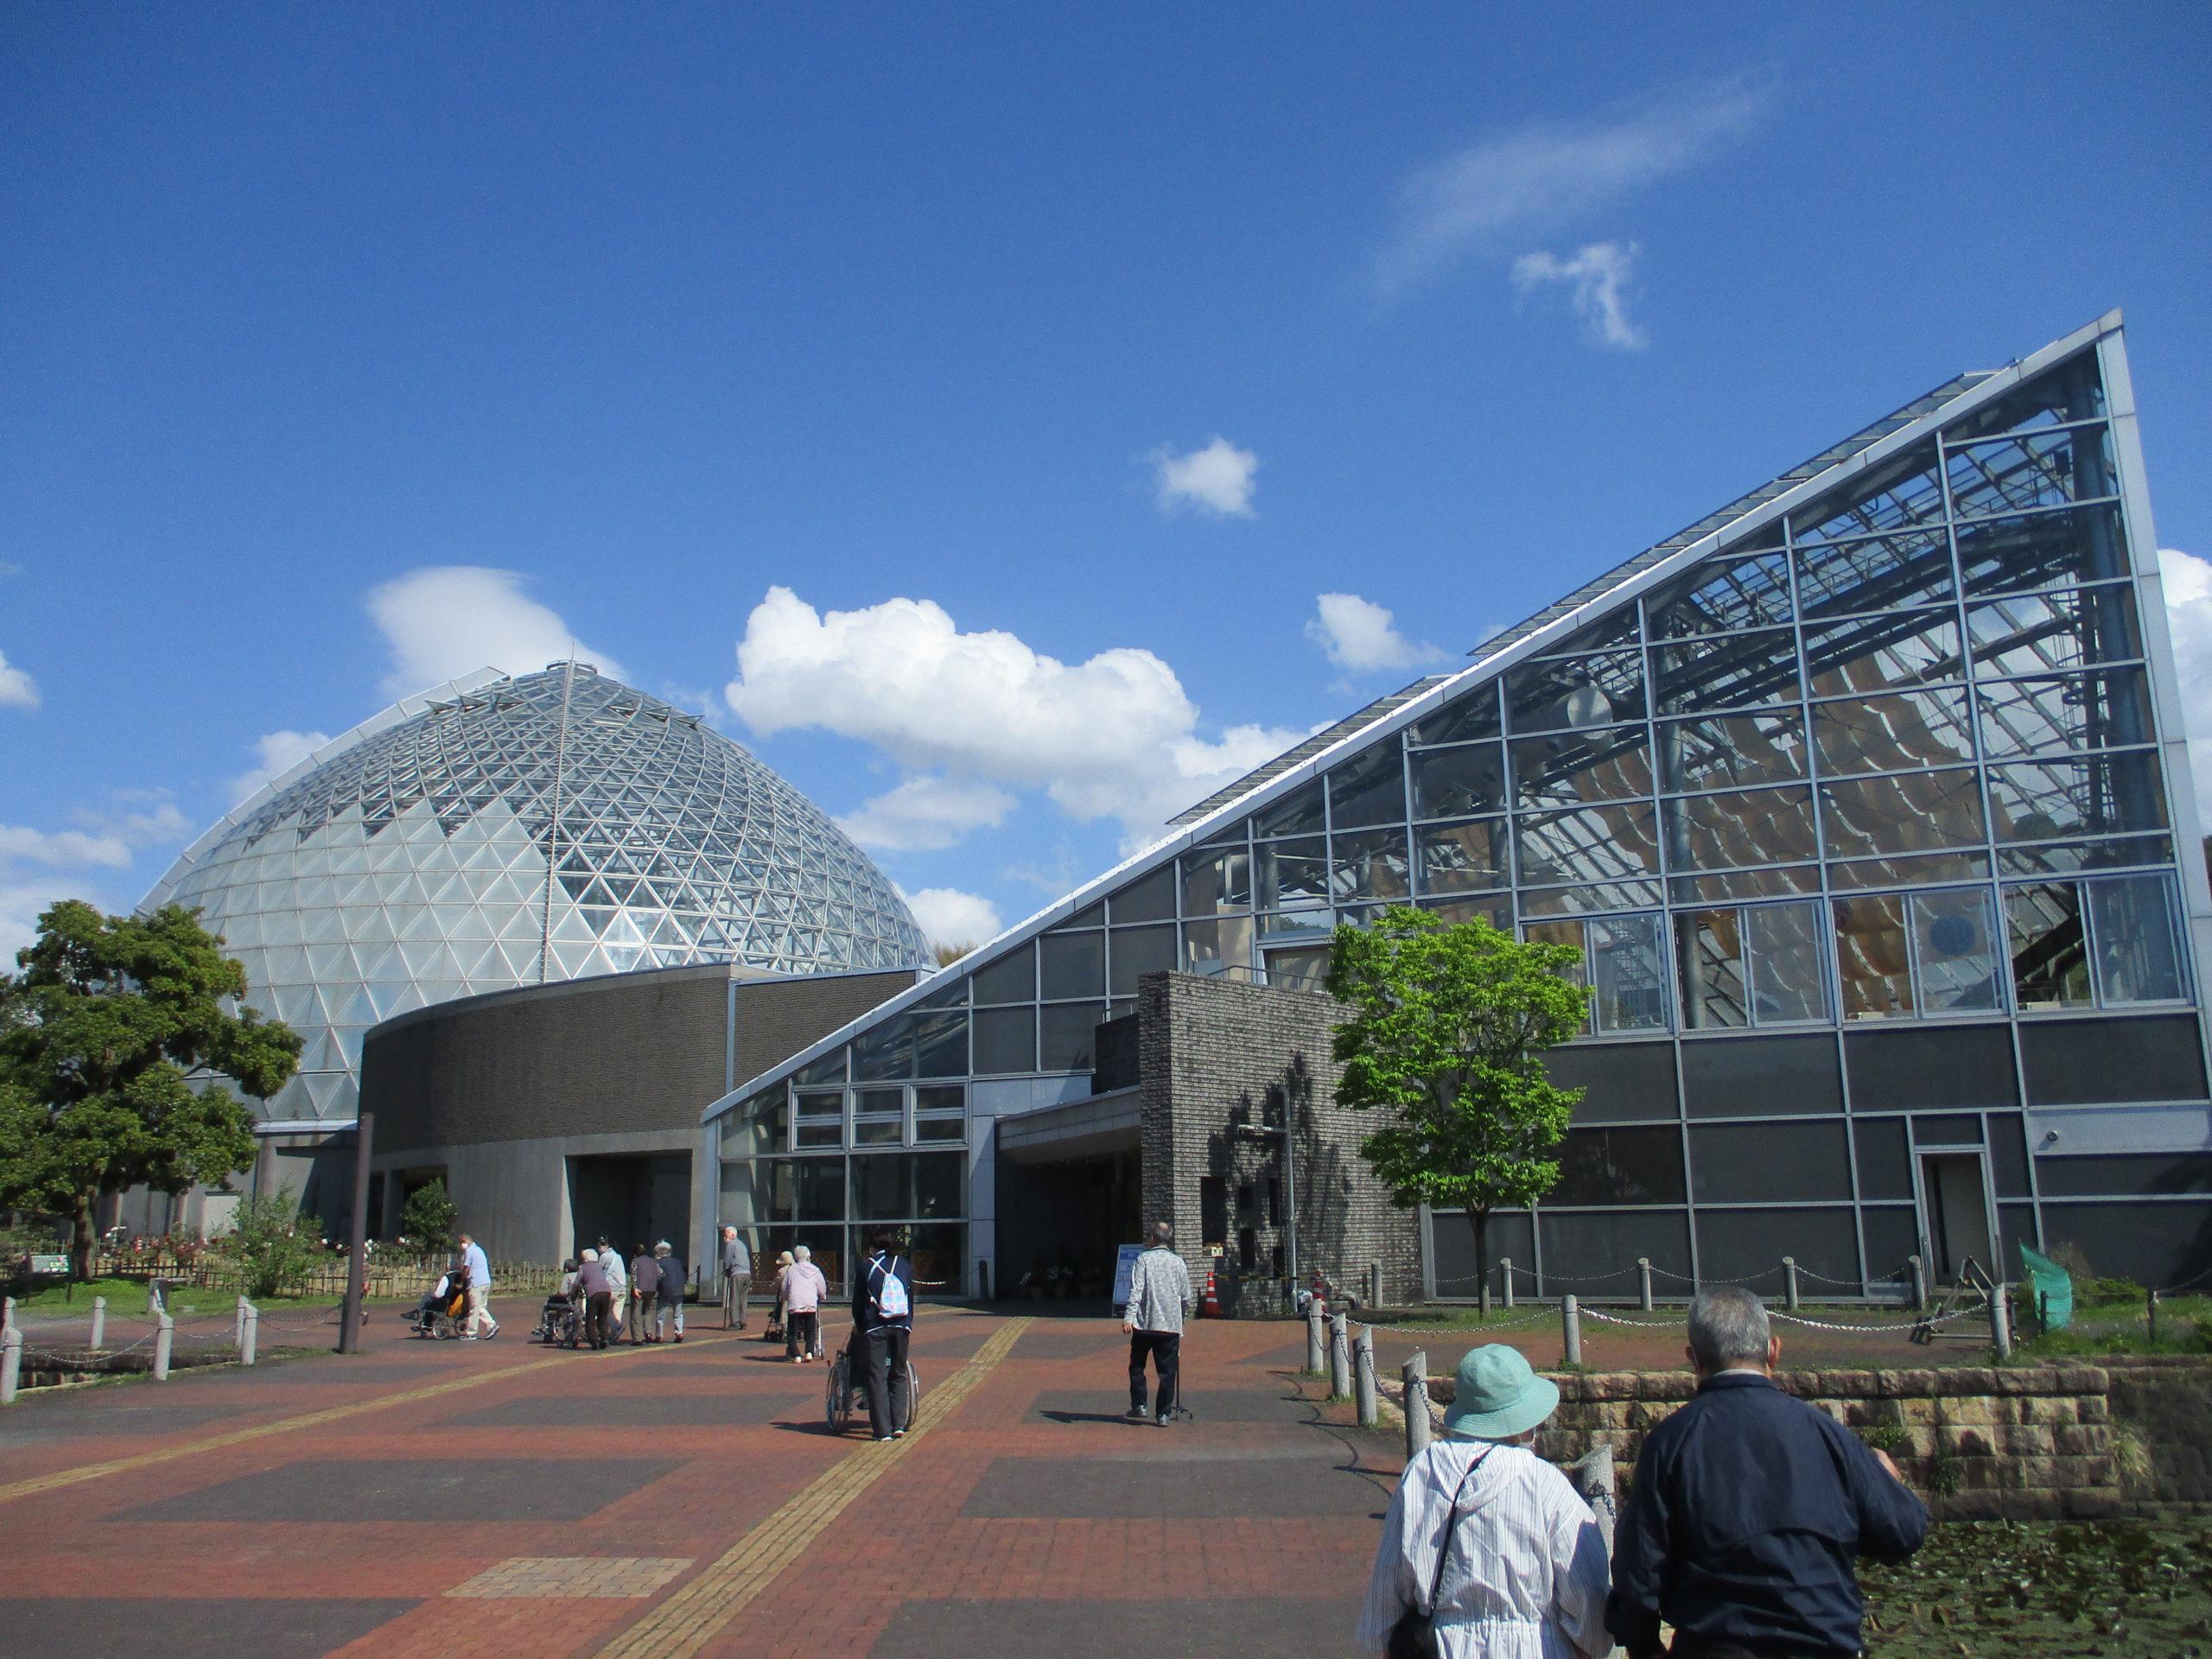 【デイサービスセンター白根そよ風の杜】初夏の散策!新津植物園ドライブツアー☆